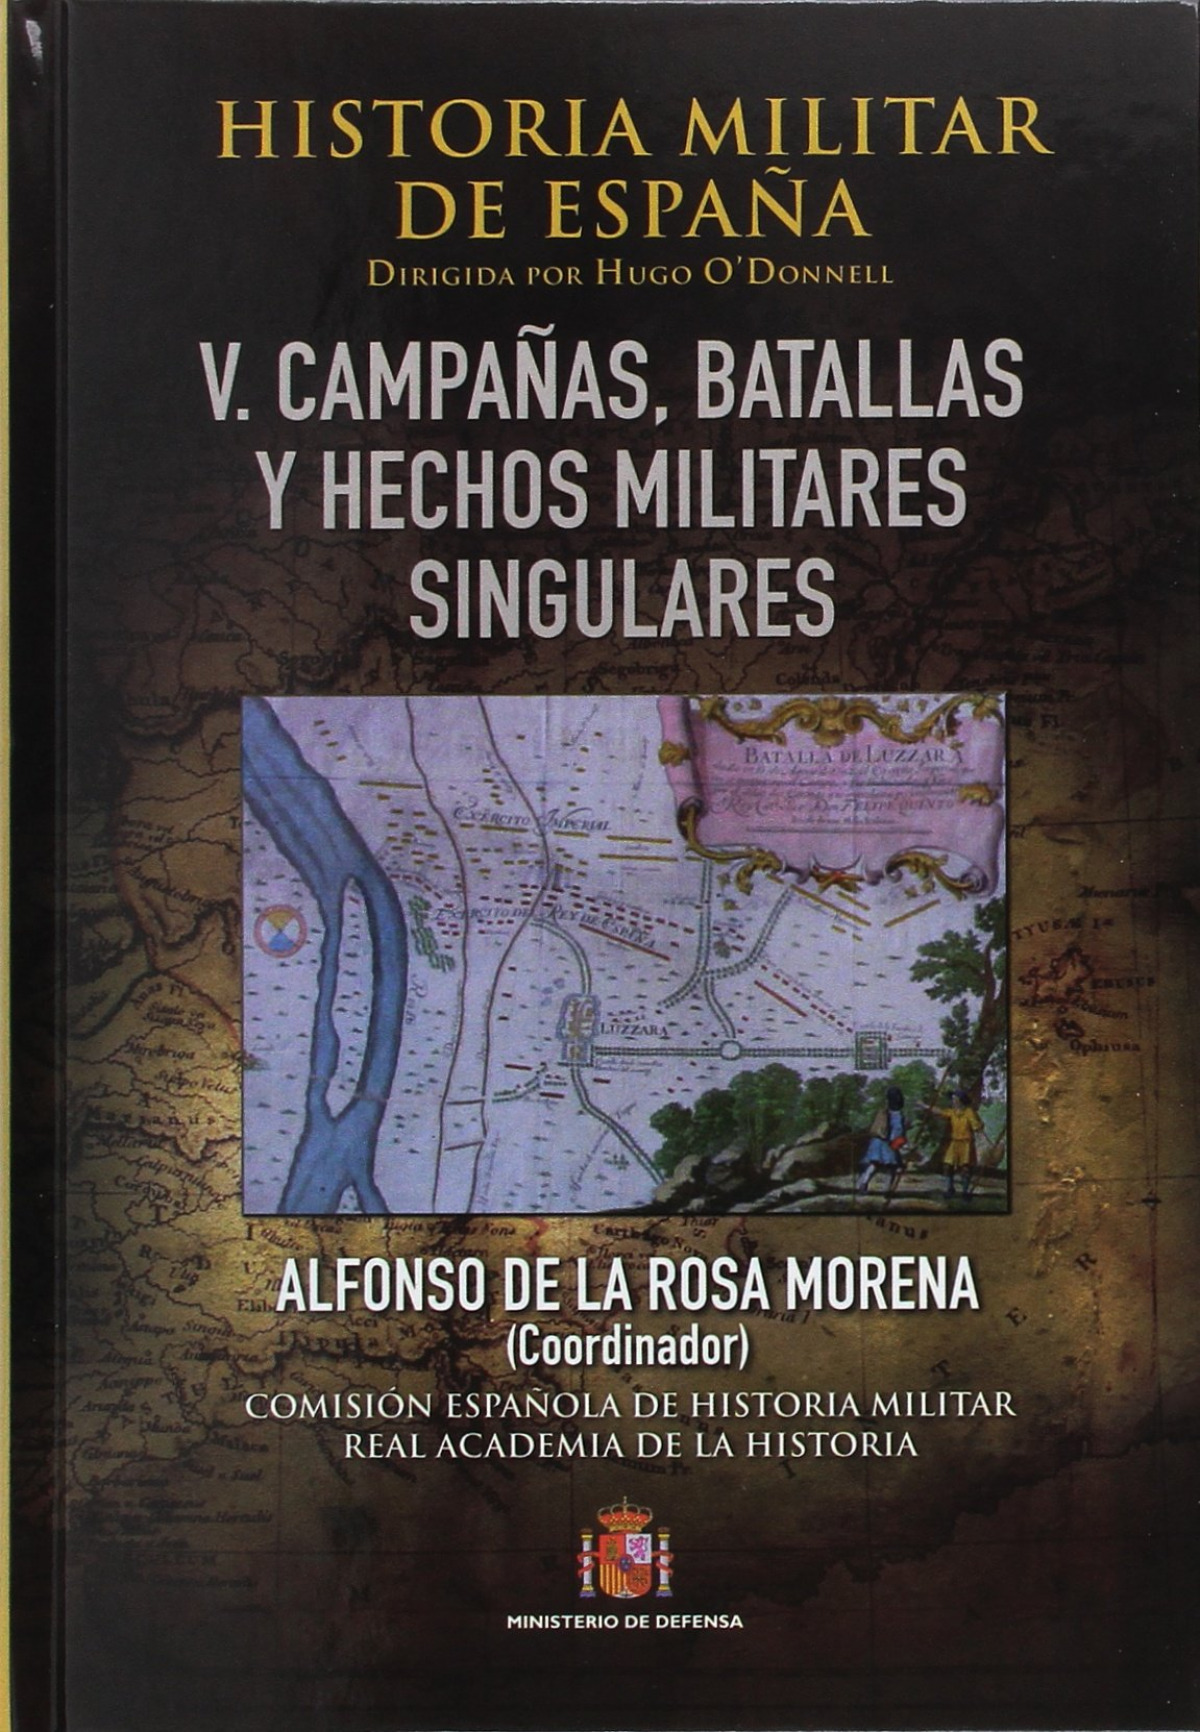 Historia Militar de España. Tomo V. Batallas, campañas y hechos m